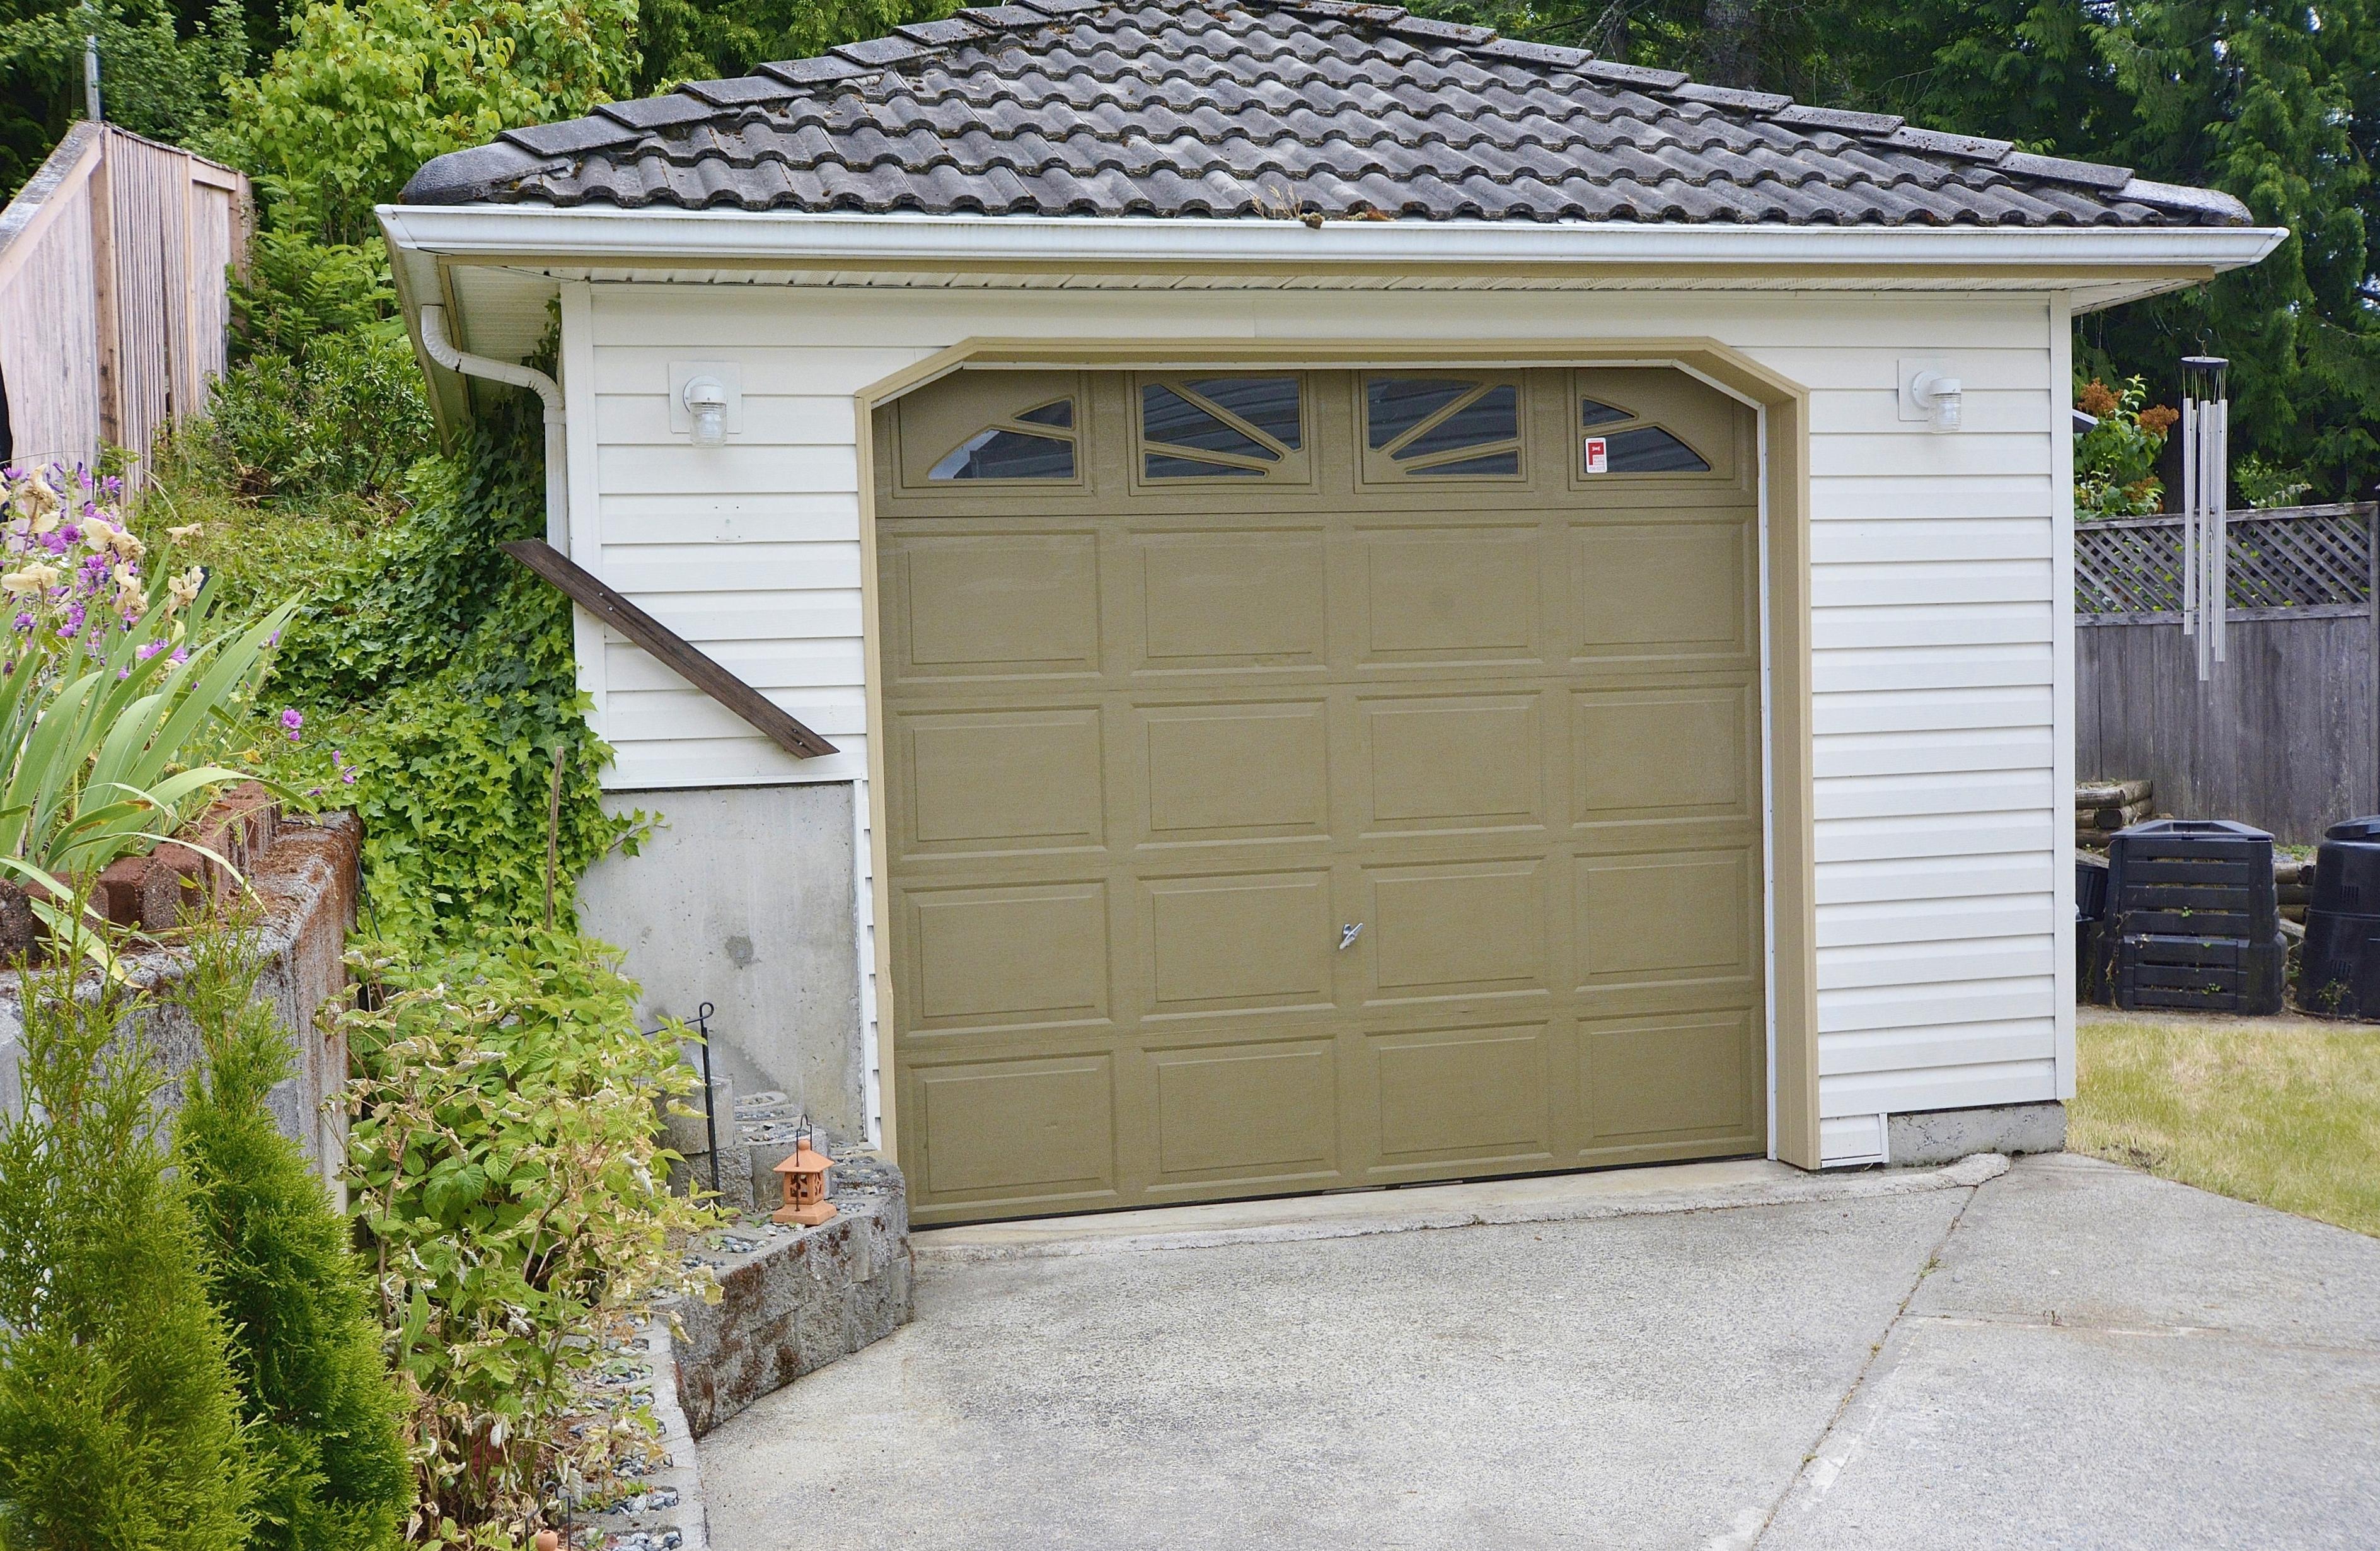 2nd garage